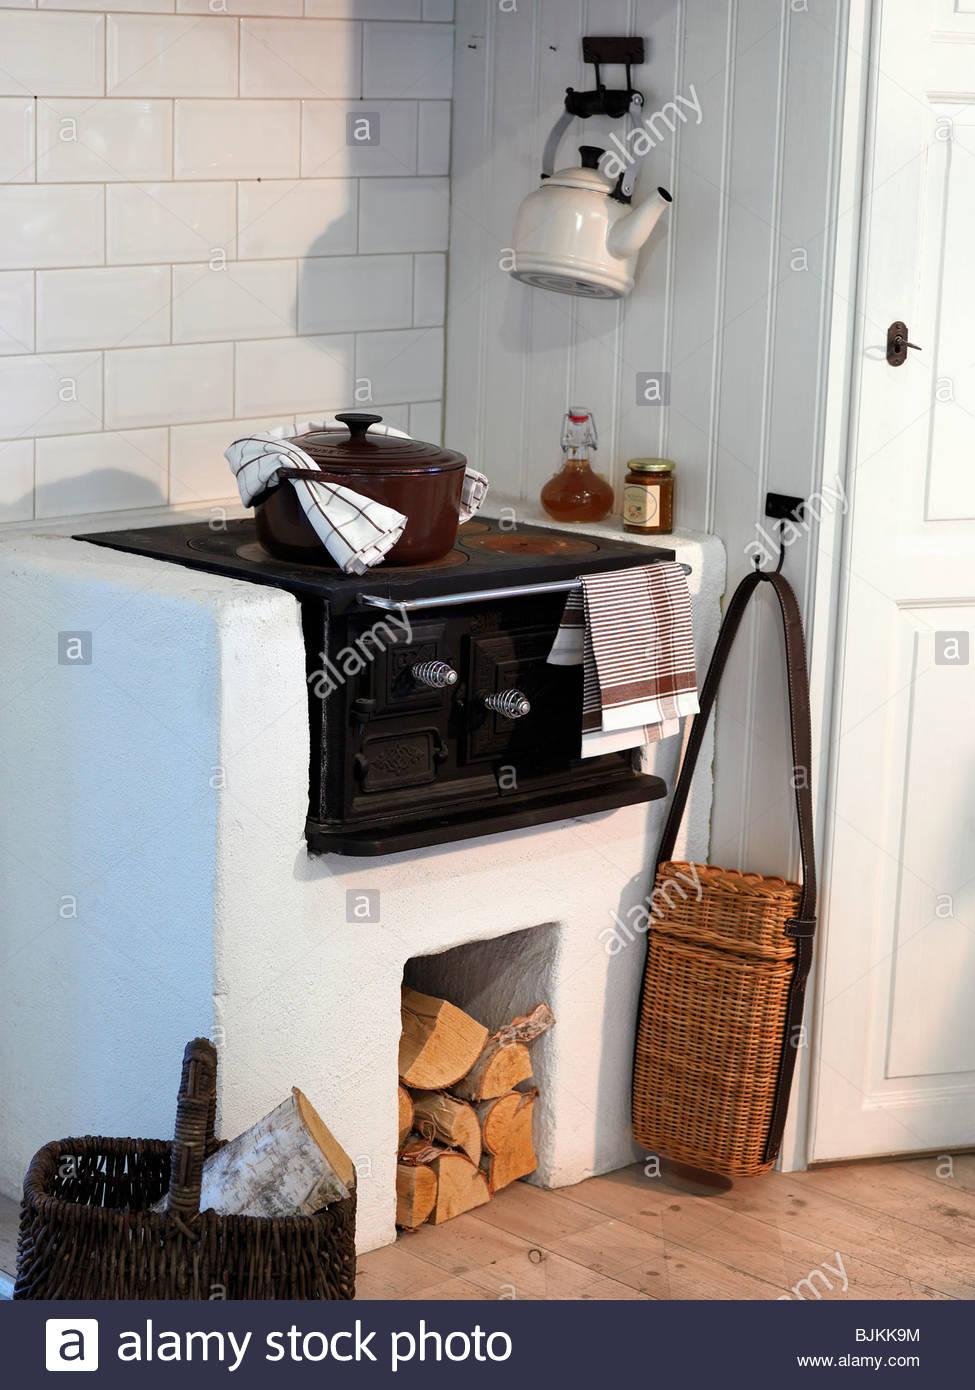 Forno a legna in una cucina Foto & Immagine Stock: 28706432 - Alamy